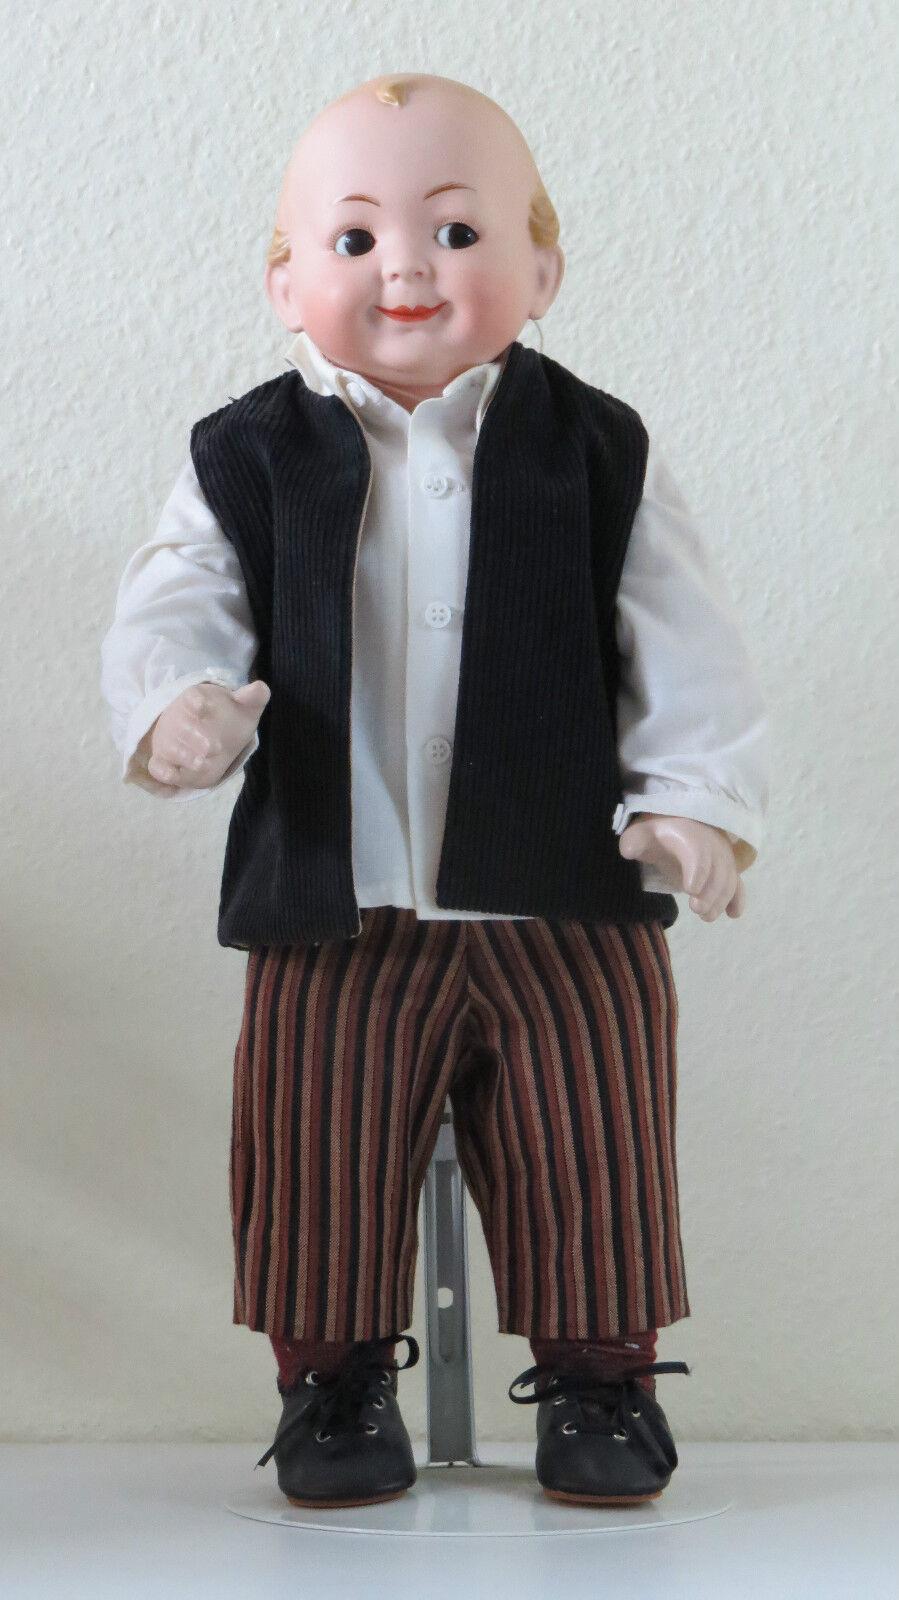 Hertel, Scwab & Co 42 cm 19,3 Inch Muñeca Antigua Reproducción Antique doll